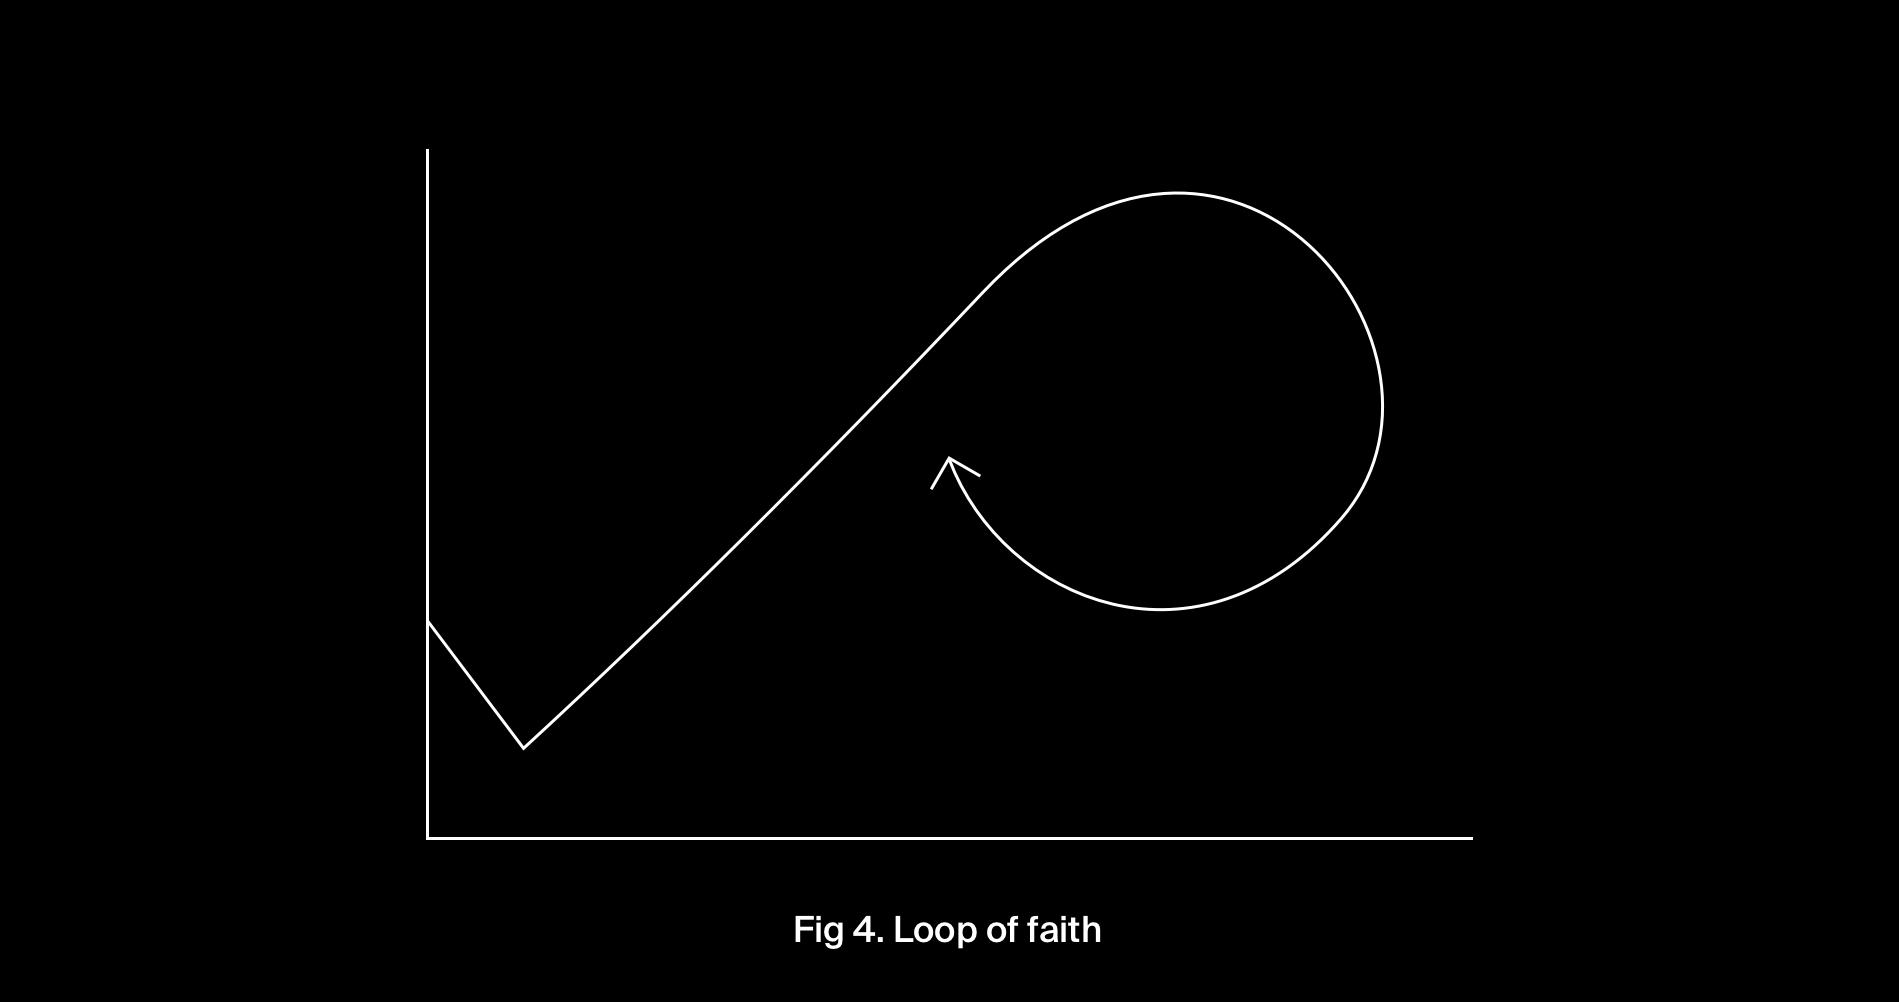 Fig 4. Loop of faith